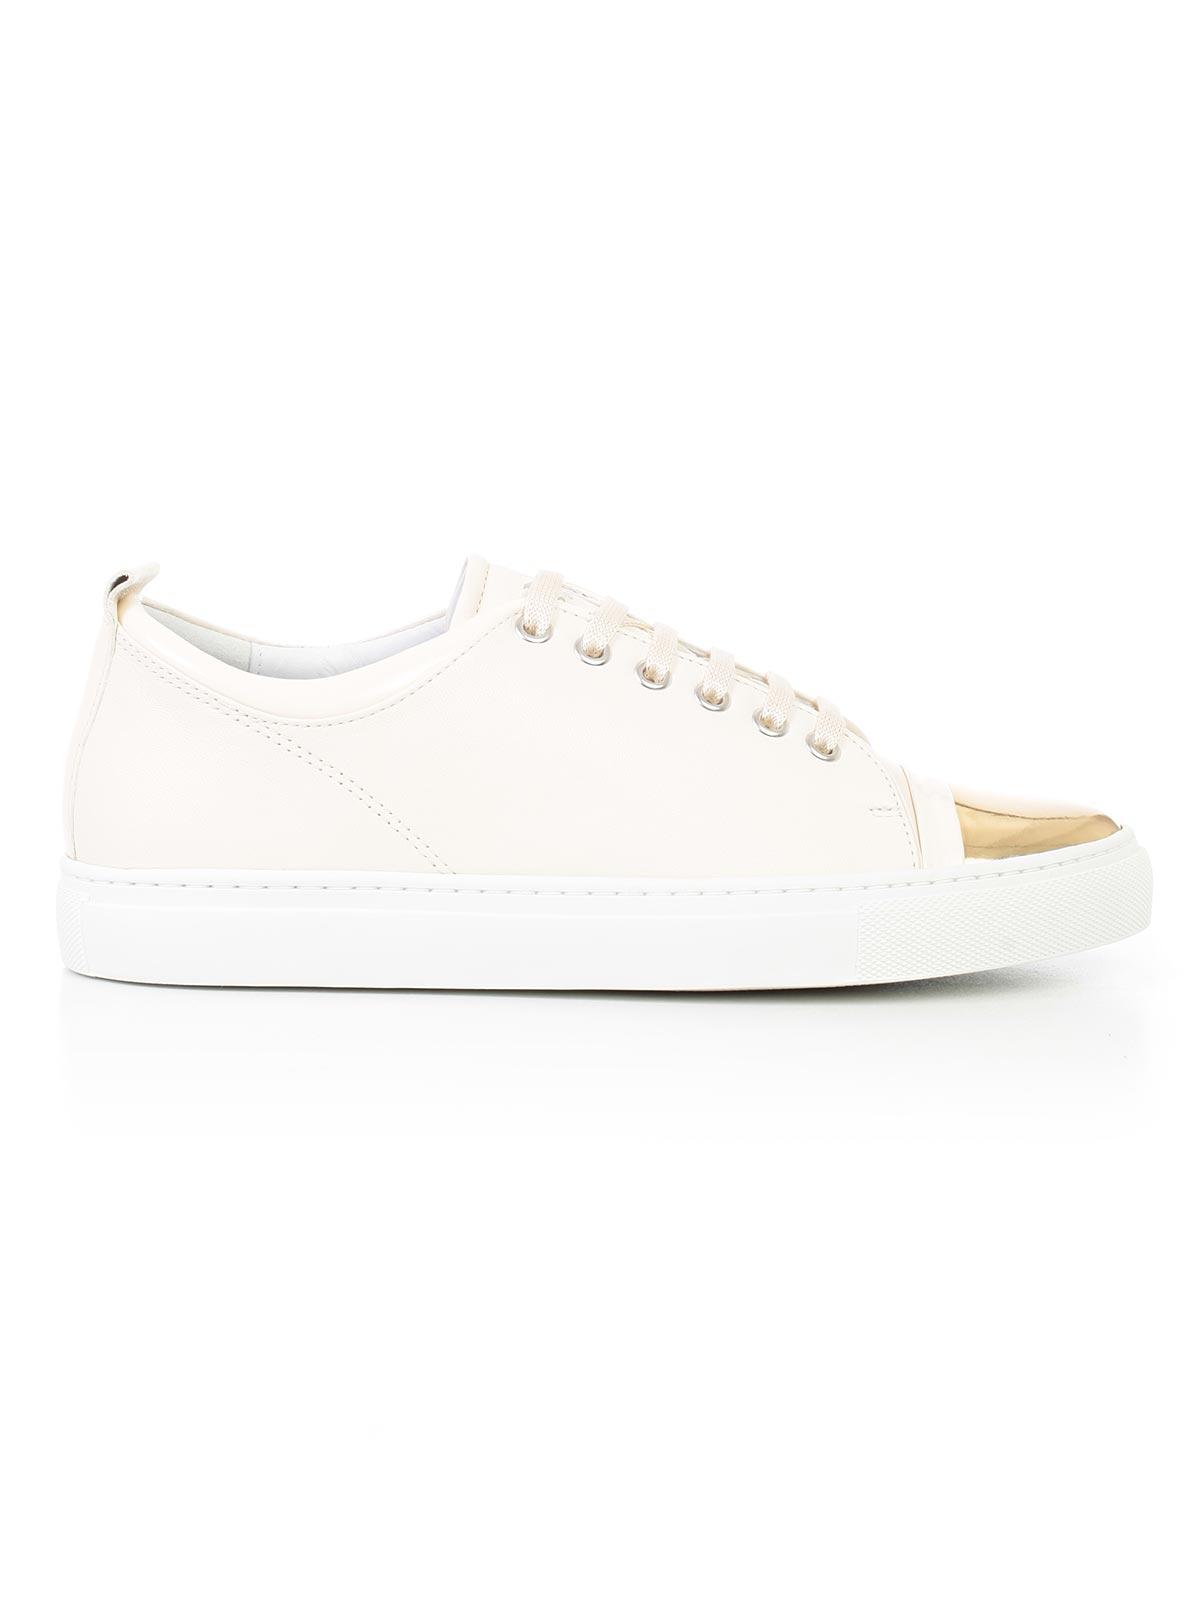 Picture of LANVIN Footwear